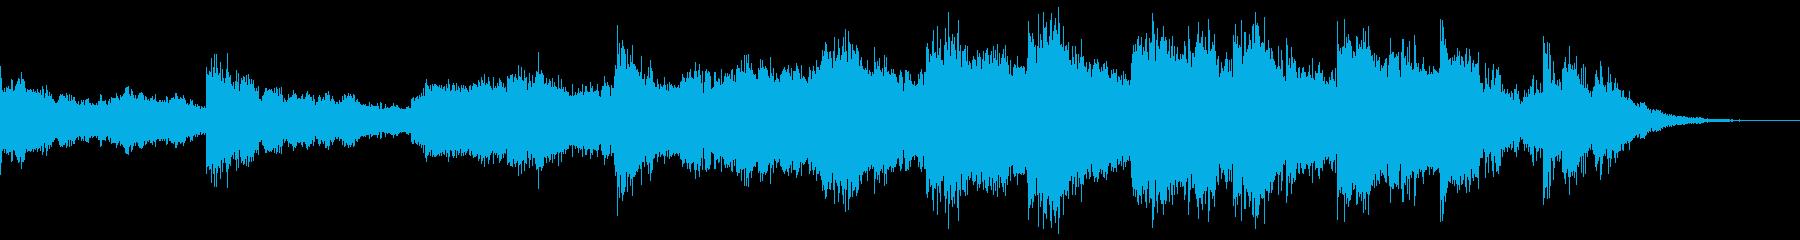 暗く迫力があり独特な雰囲気で歌のような曲の再生済みの波形